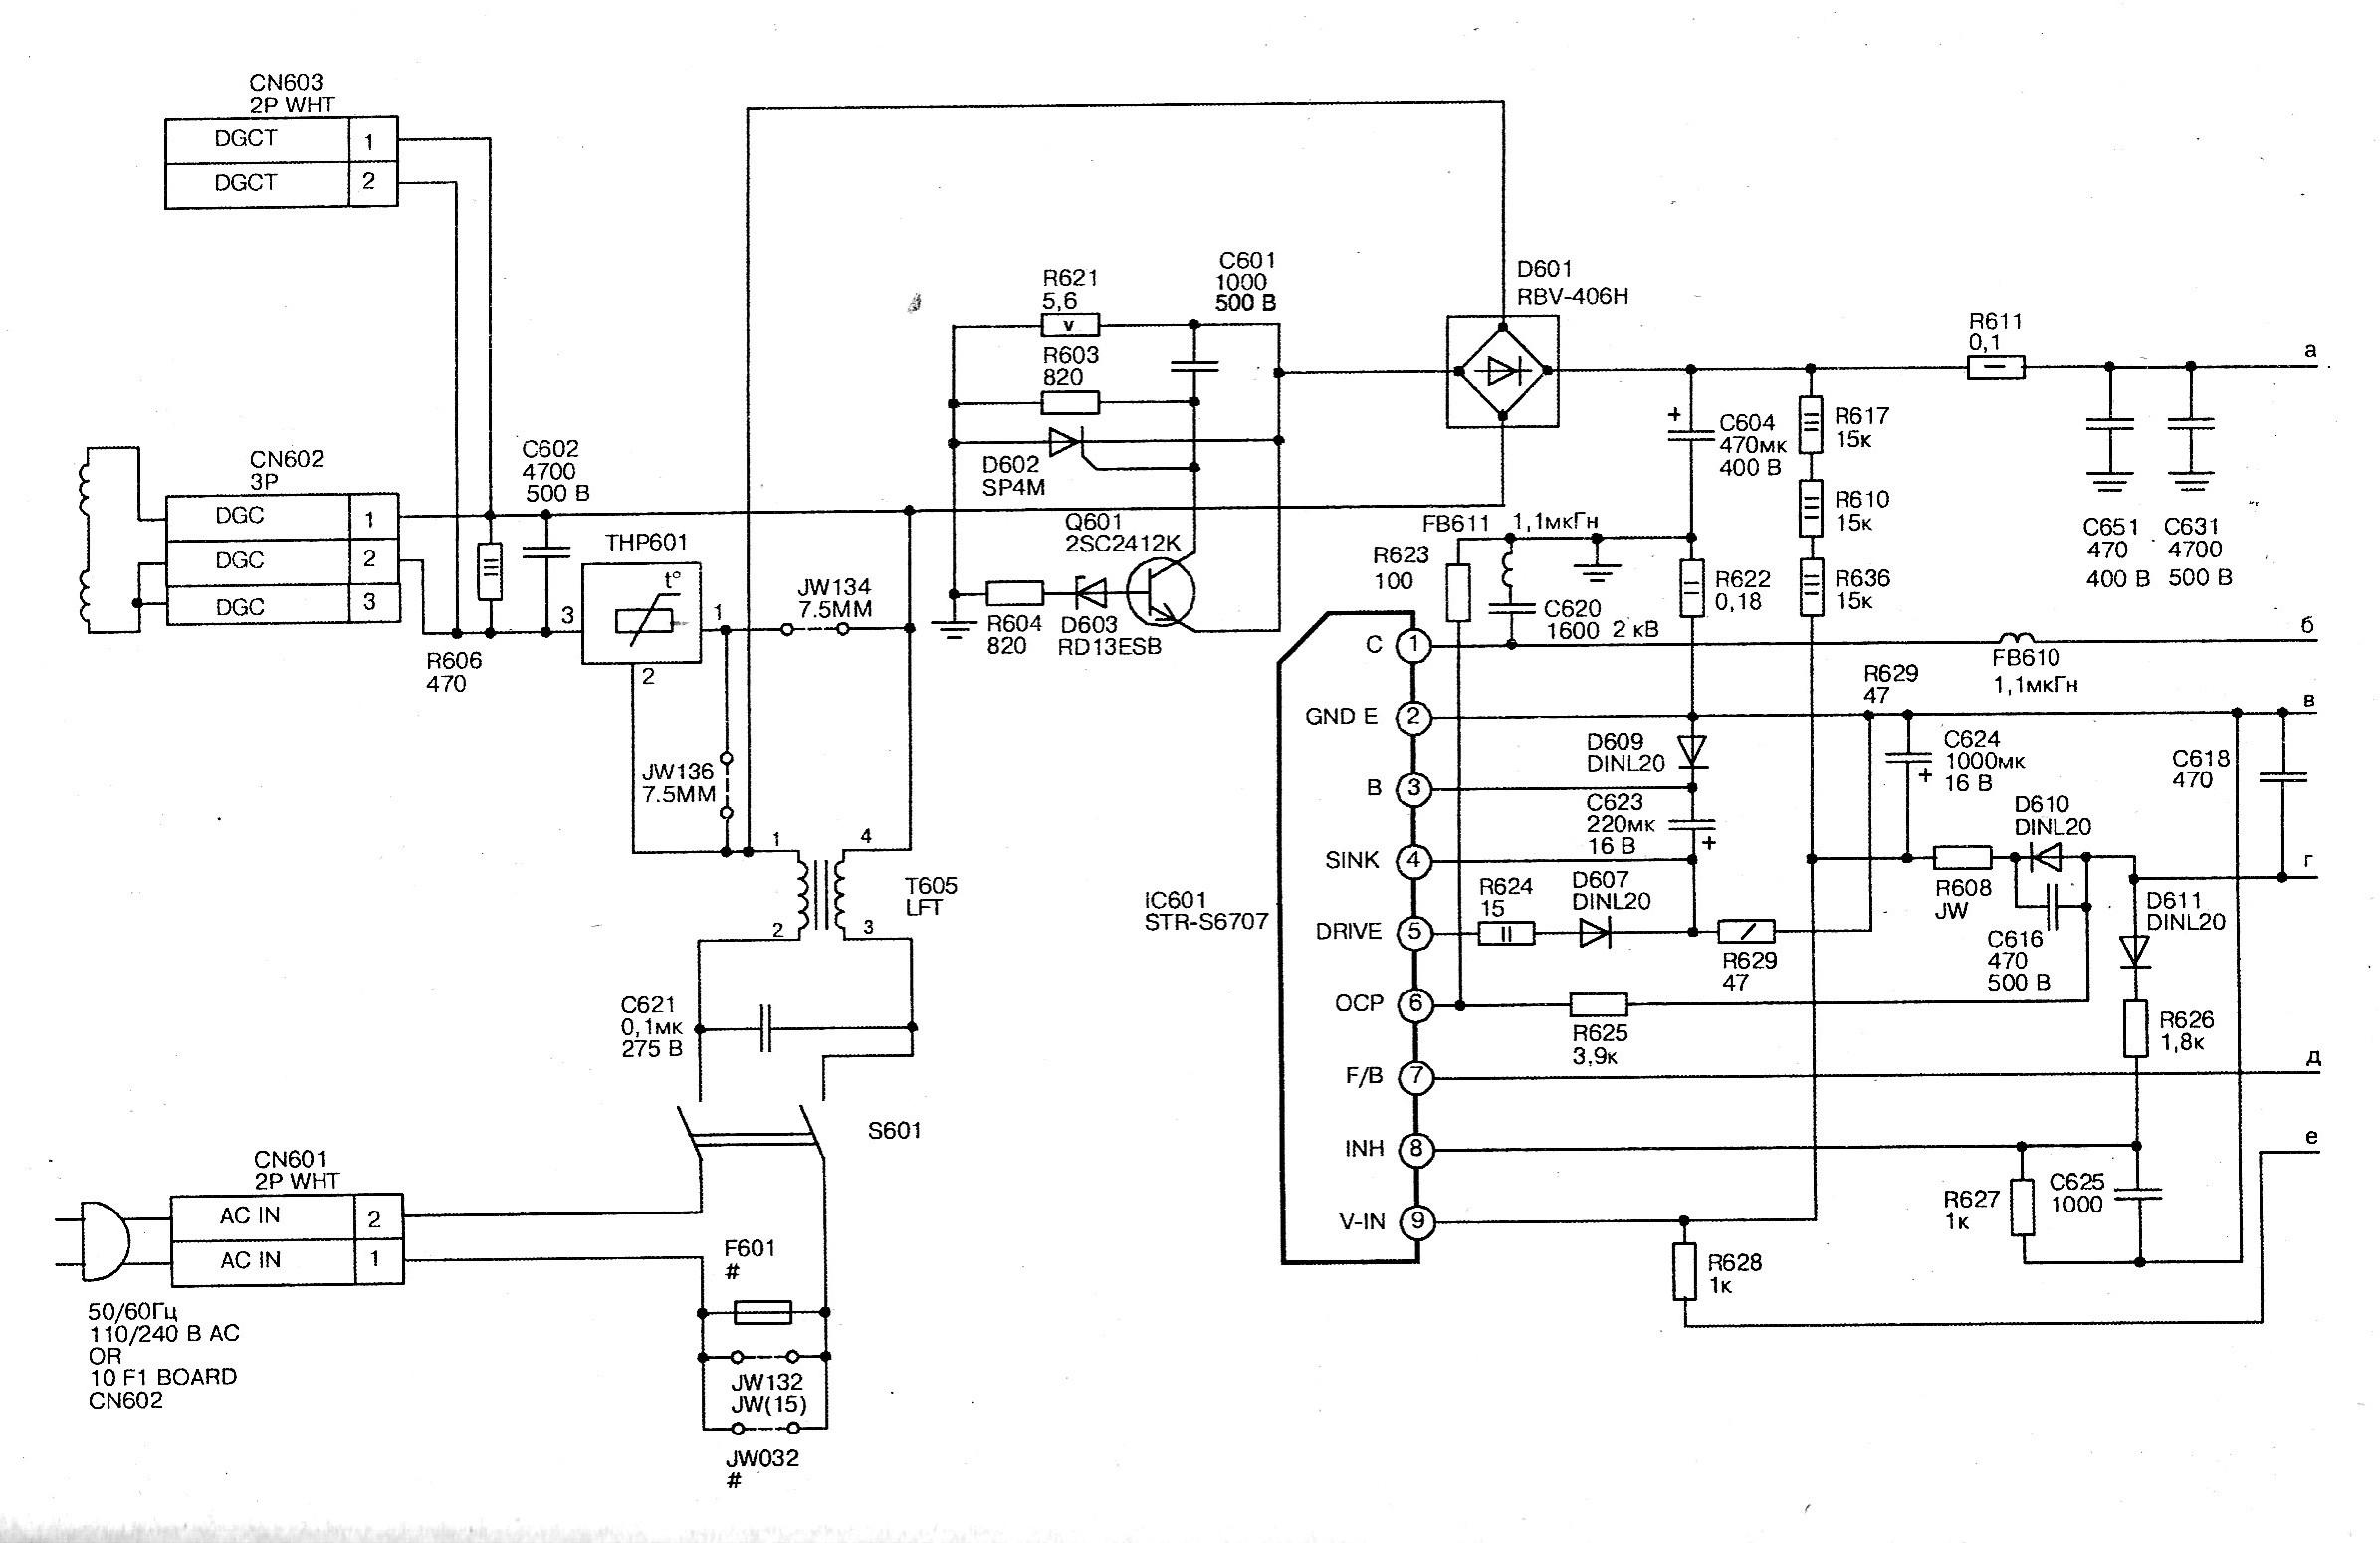 Sony аппаратура схема